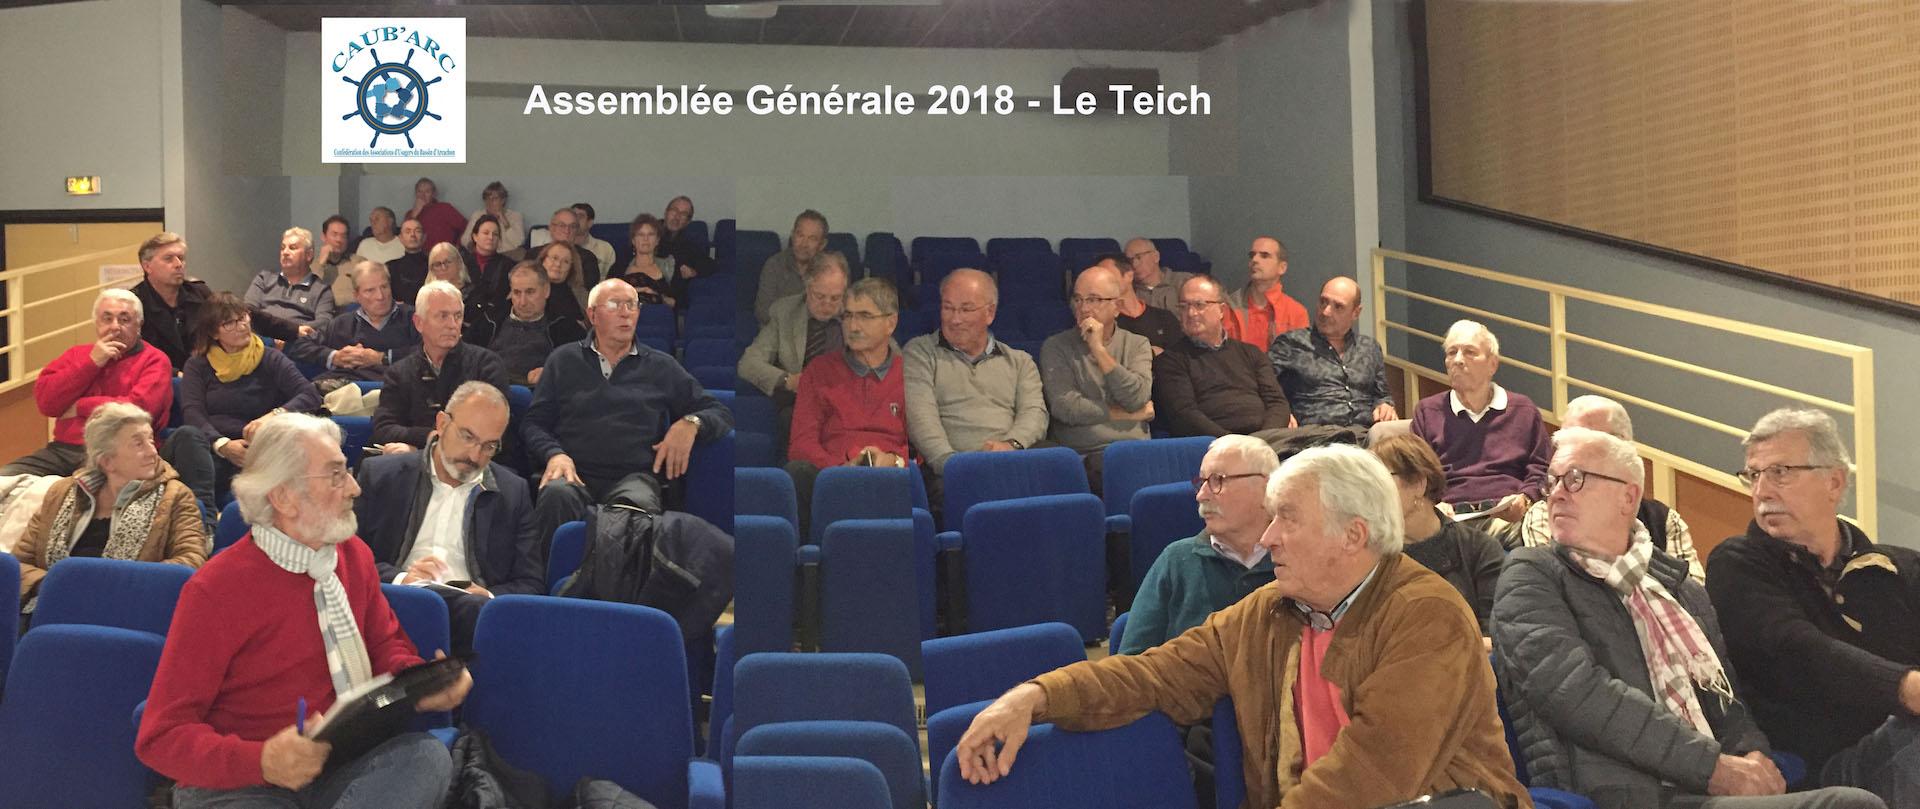 Ag caub arc 2018 salle